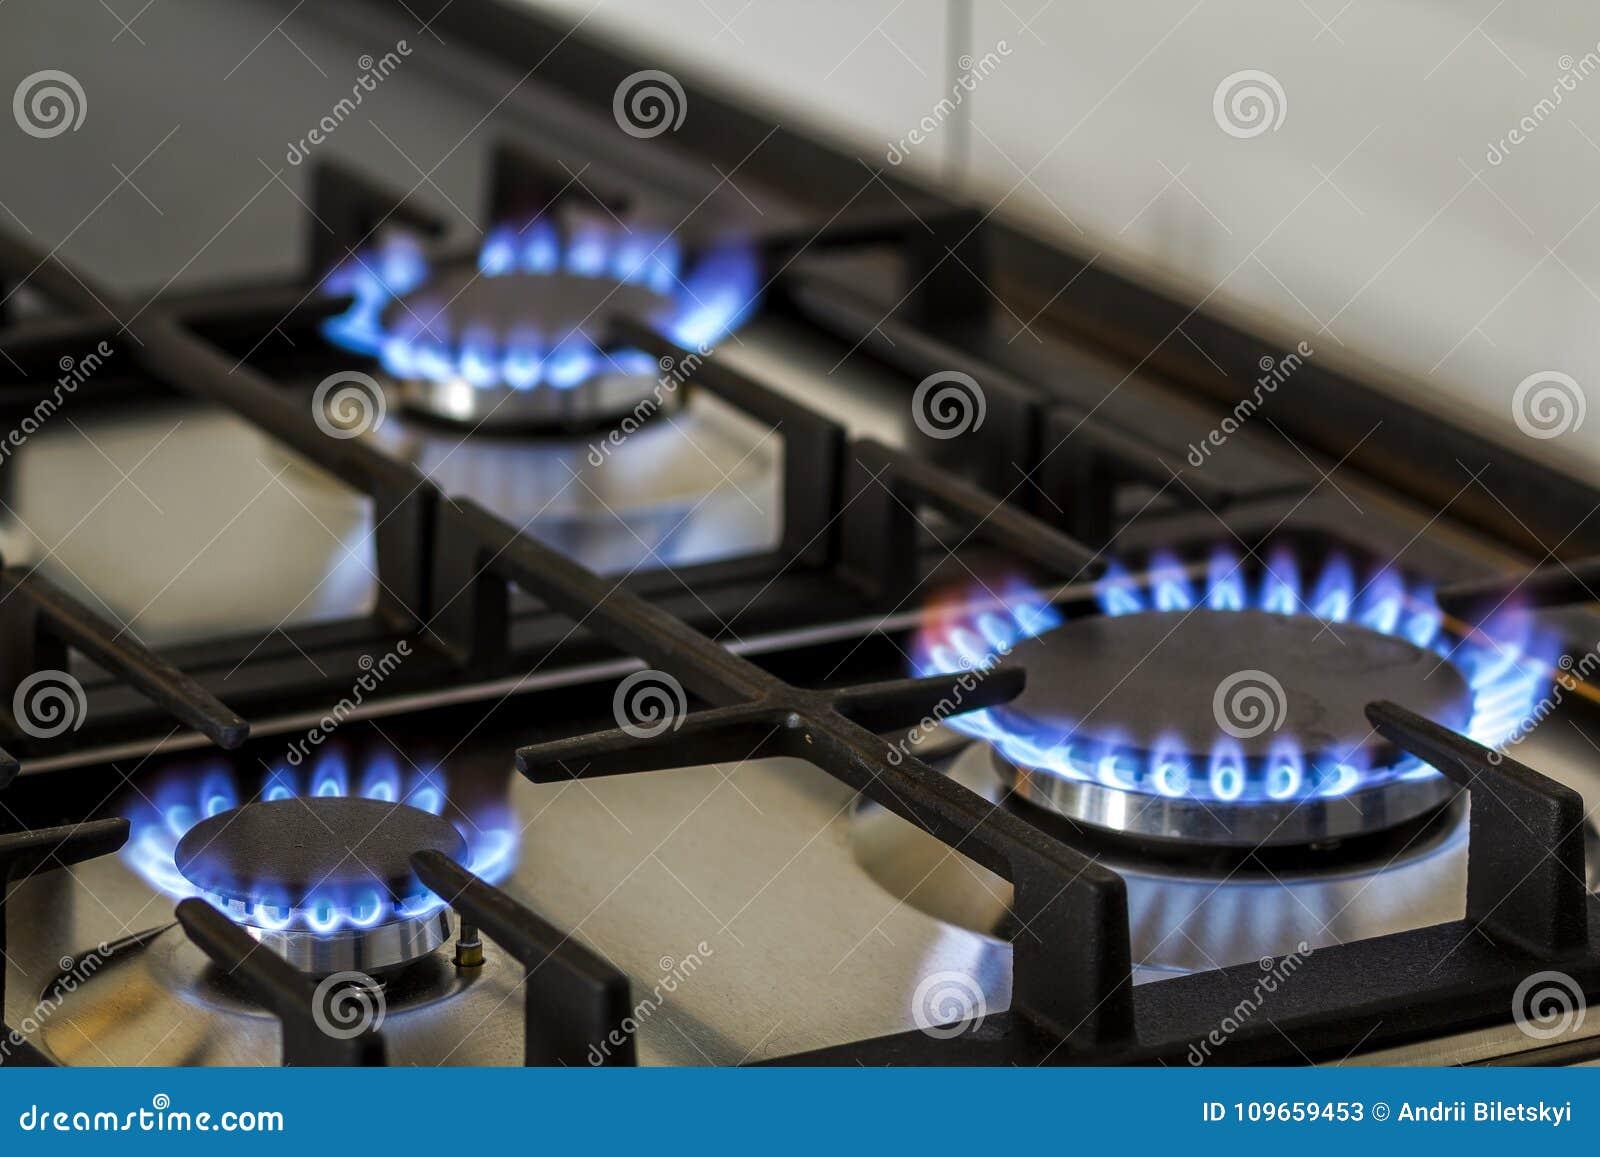 自然气体燃烧在厨房在黑暗的煤气炉 从钢的盘区与在黑背景的一台小煤气炉燃烧器,特写镜头赶走